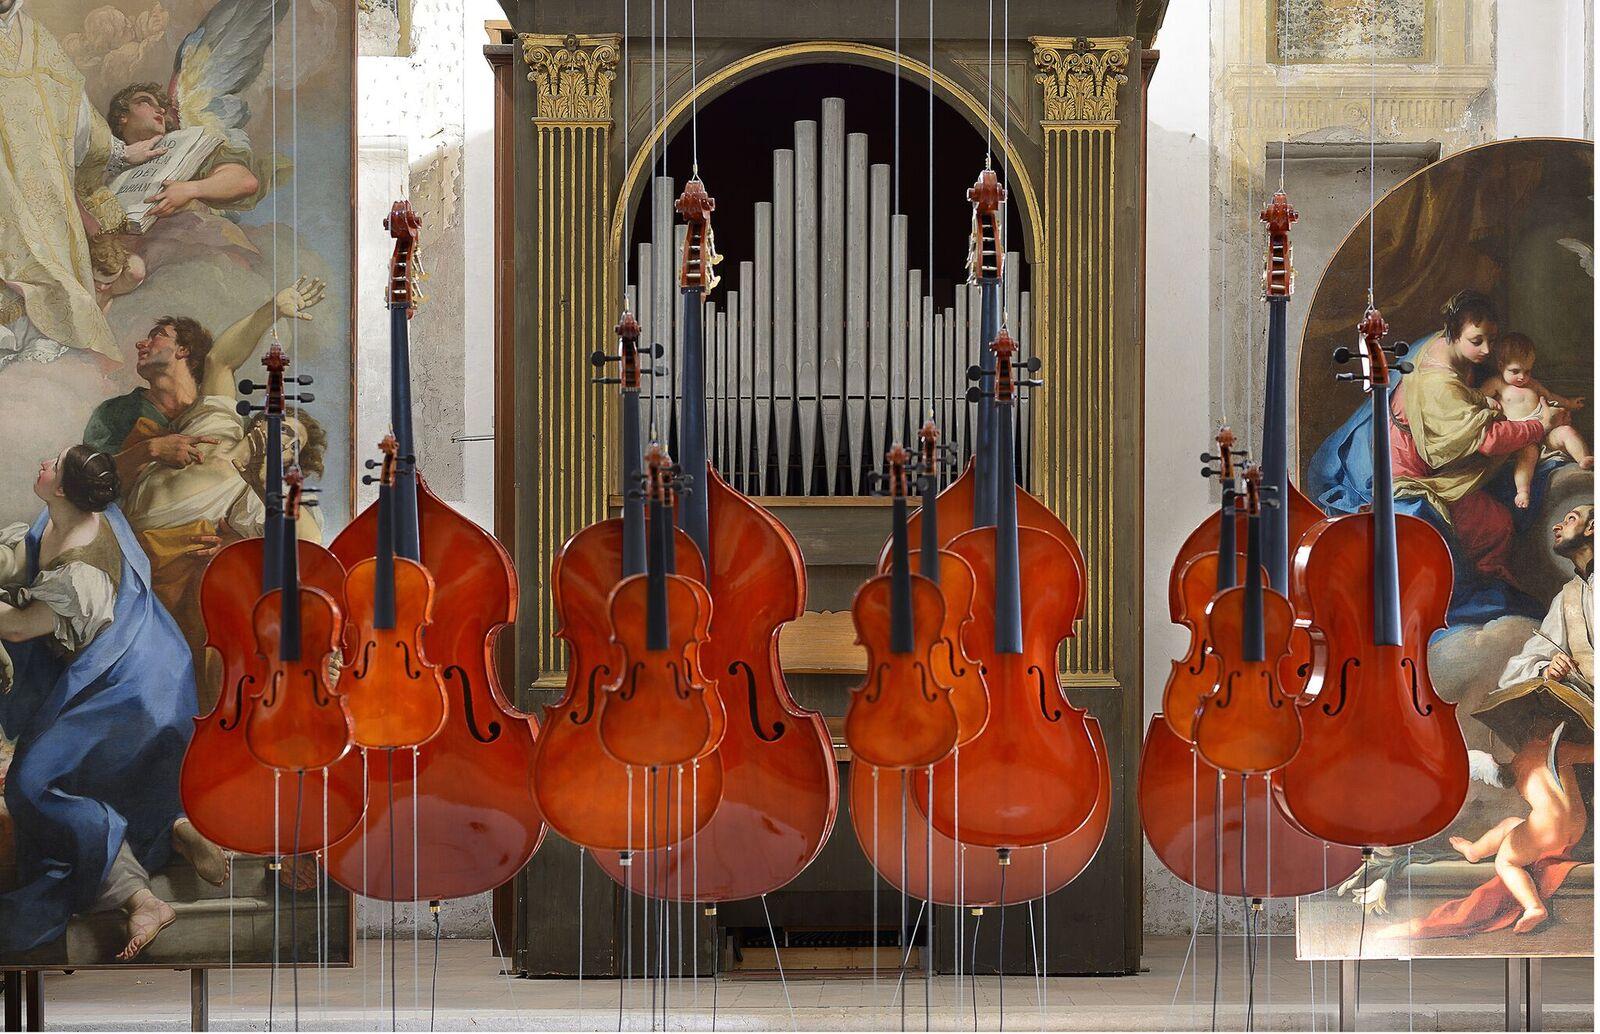 Roberto Pugliese, La finta semplice, 2016, 4 contrabbassi, 4 violoncelli, 4 viole e 4 violini, corde in Courtesy Studio la Città -Verona